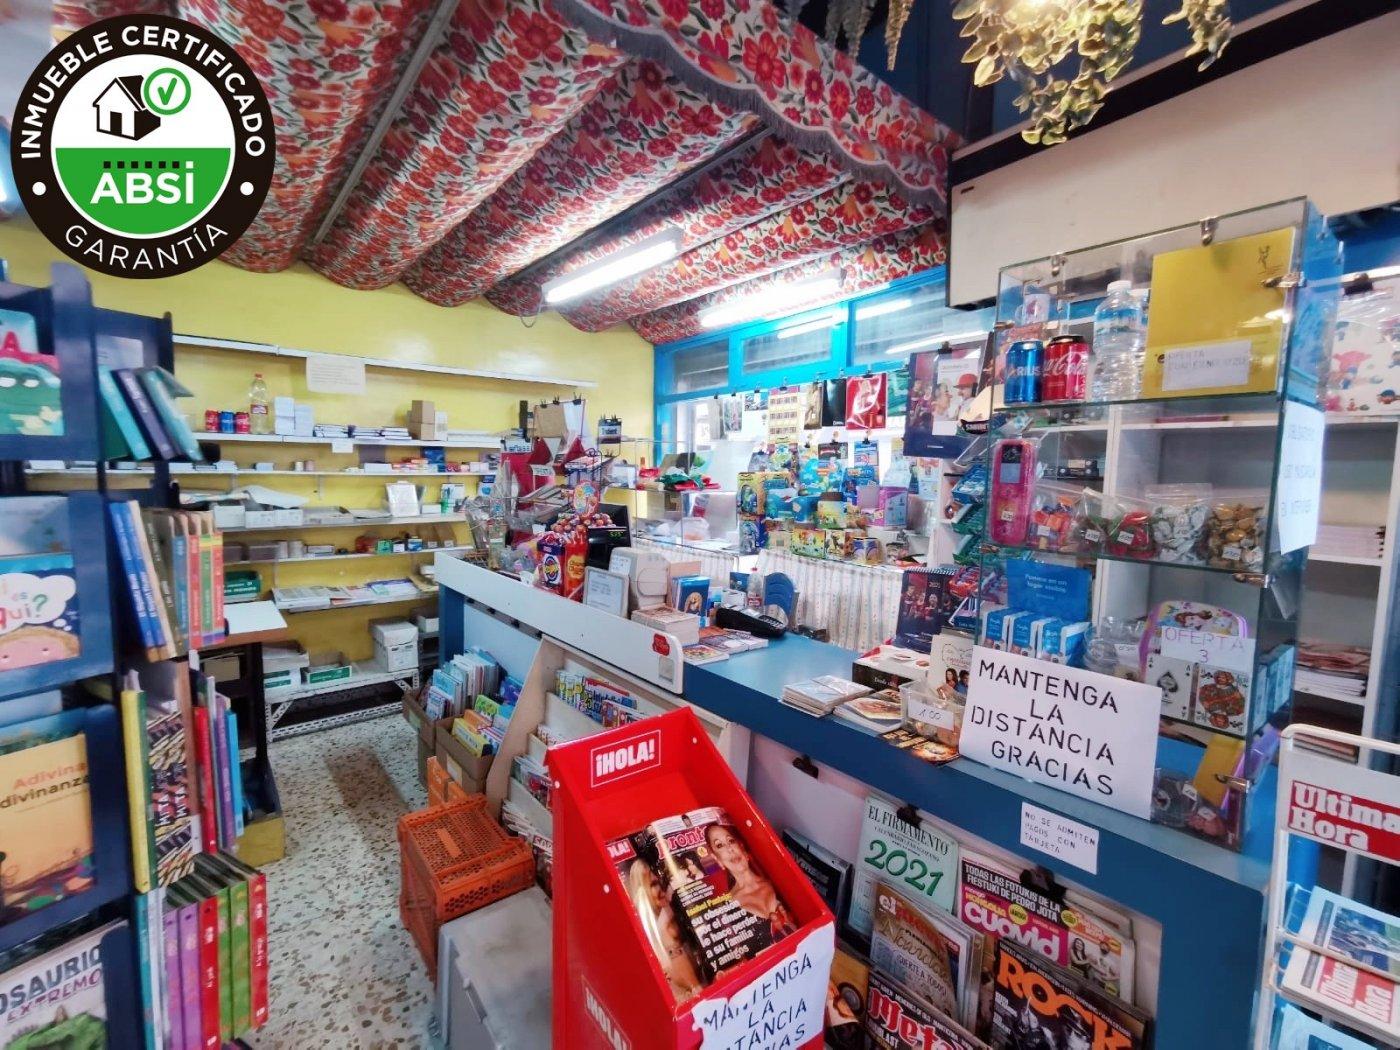 Se vente local comercial en bons aires(cerca de la calle blanquerna y generar riera ) - imagenInmueble0